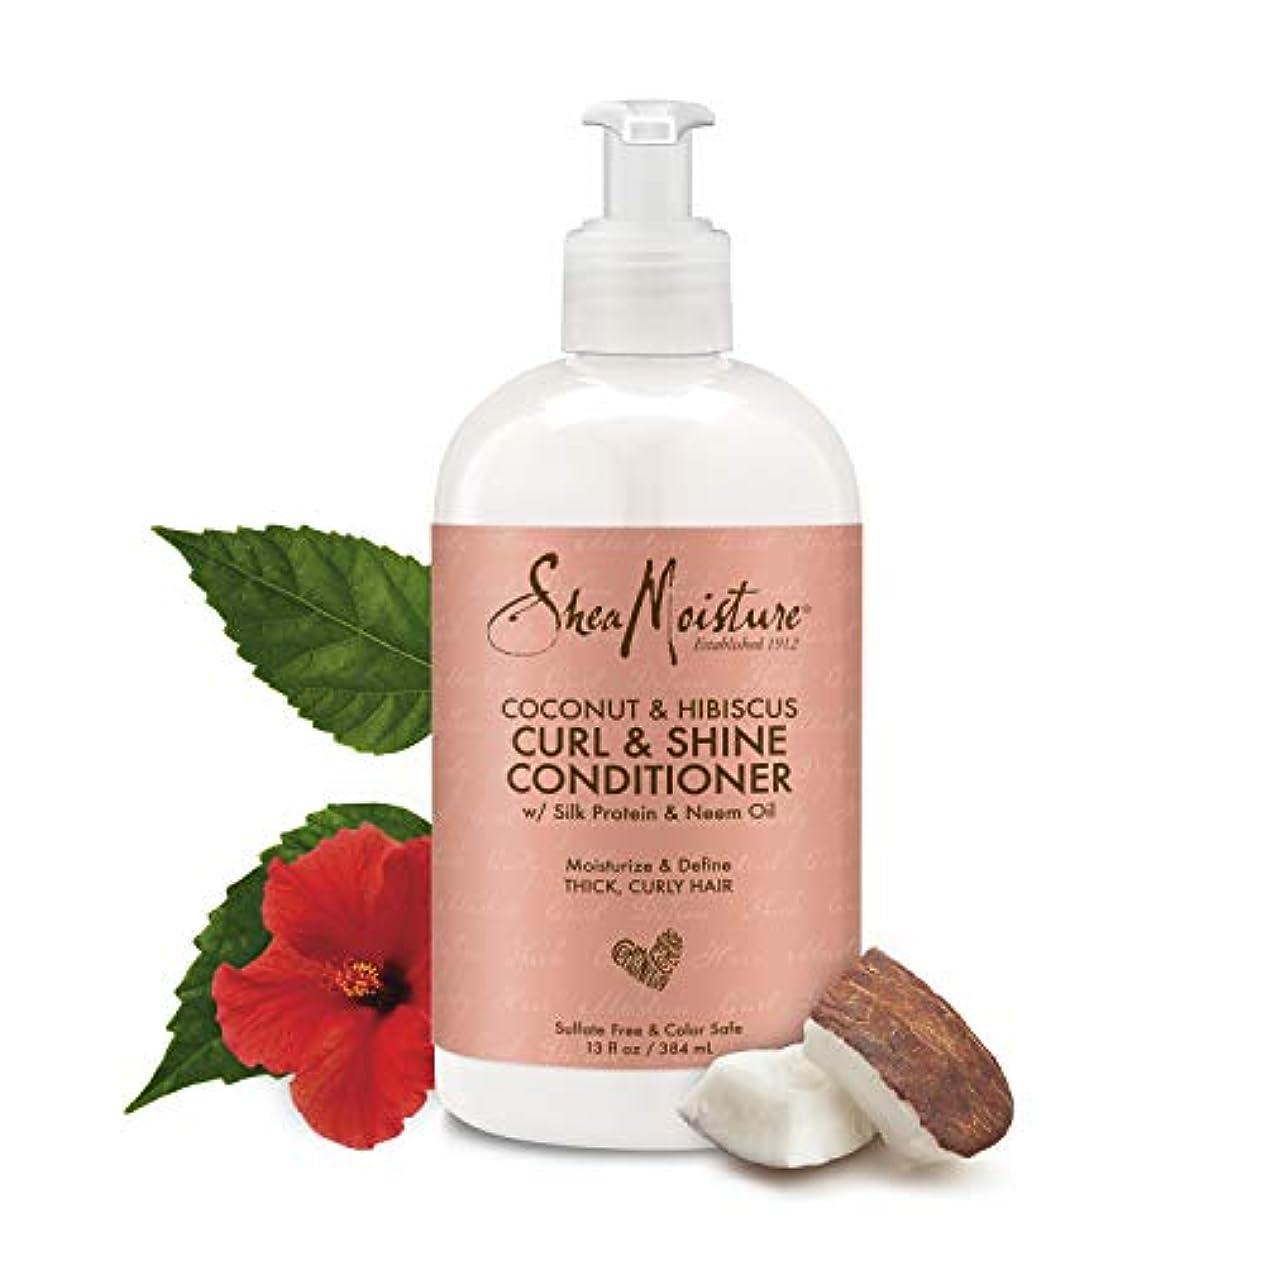 グリップ論文配置Shea Moisture - ココナッツ&ハイビスカス カール&Silk 蛋白質とコンディショナーを磨き&ニーム油 - 13ポンド